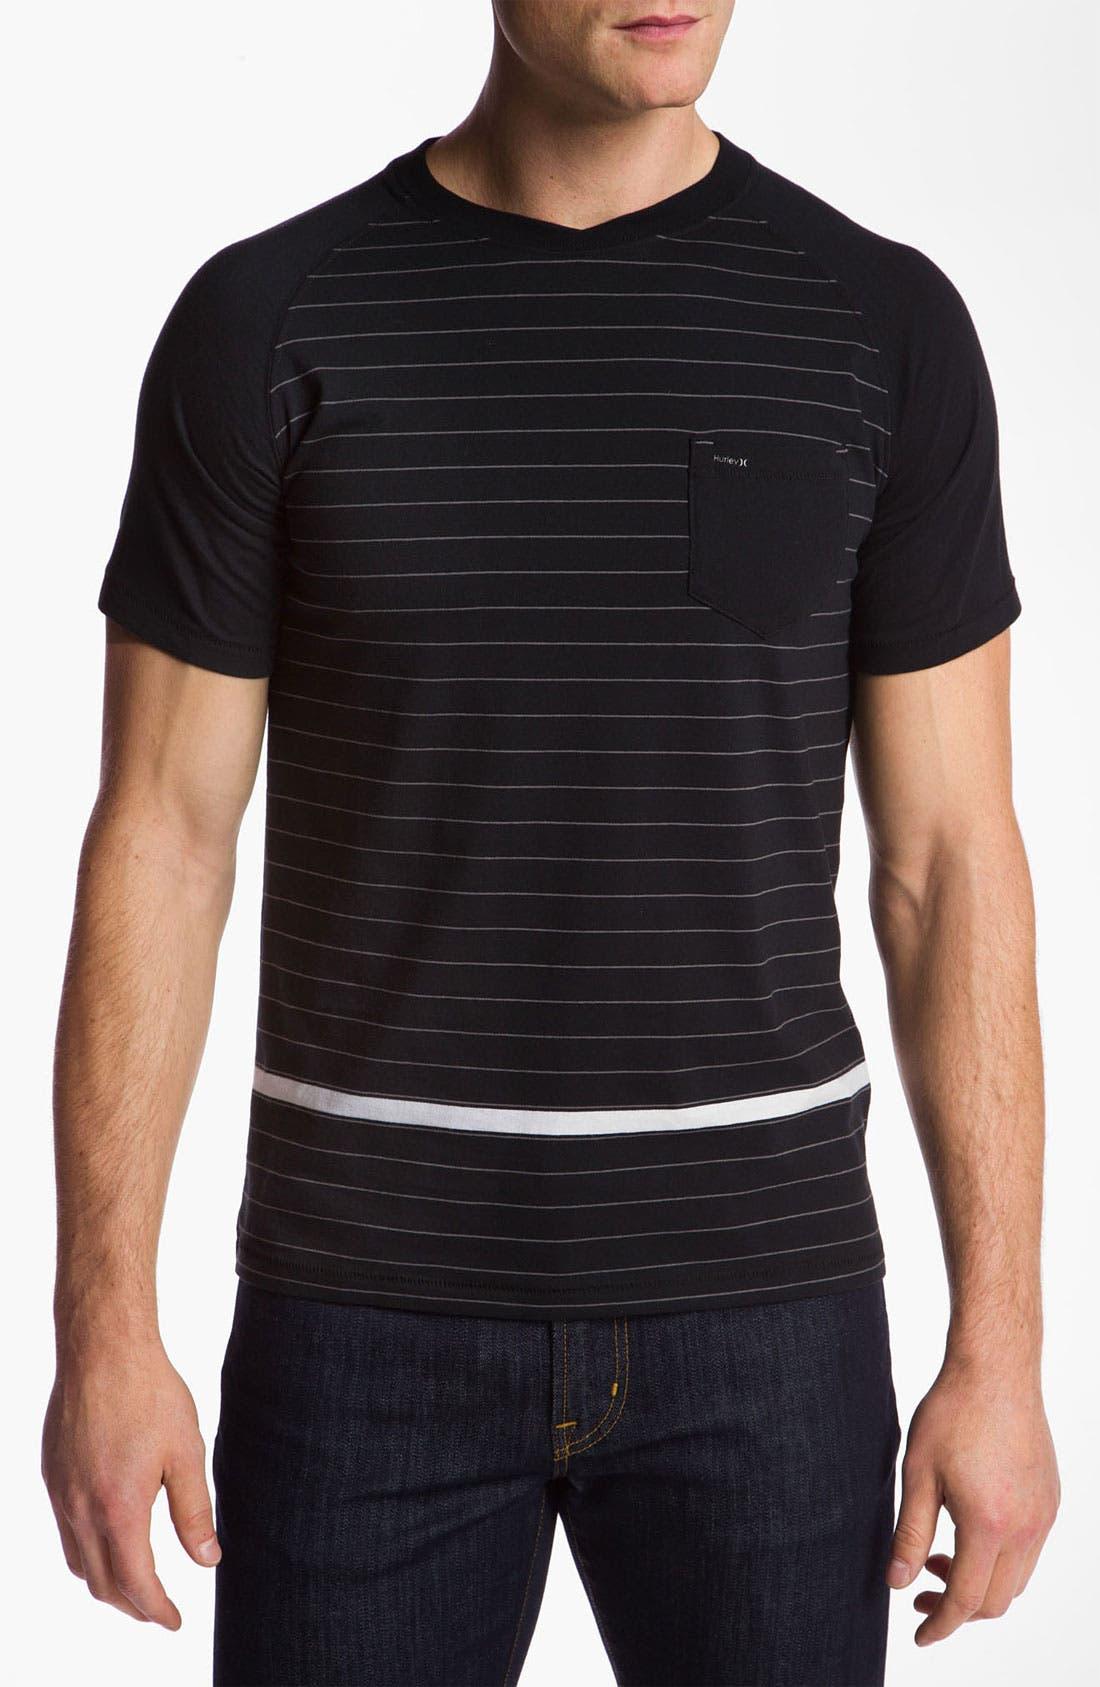 Main Image - Hurley 'Cycle' Crewneck T-Shirt